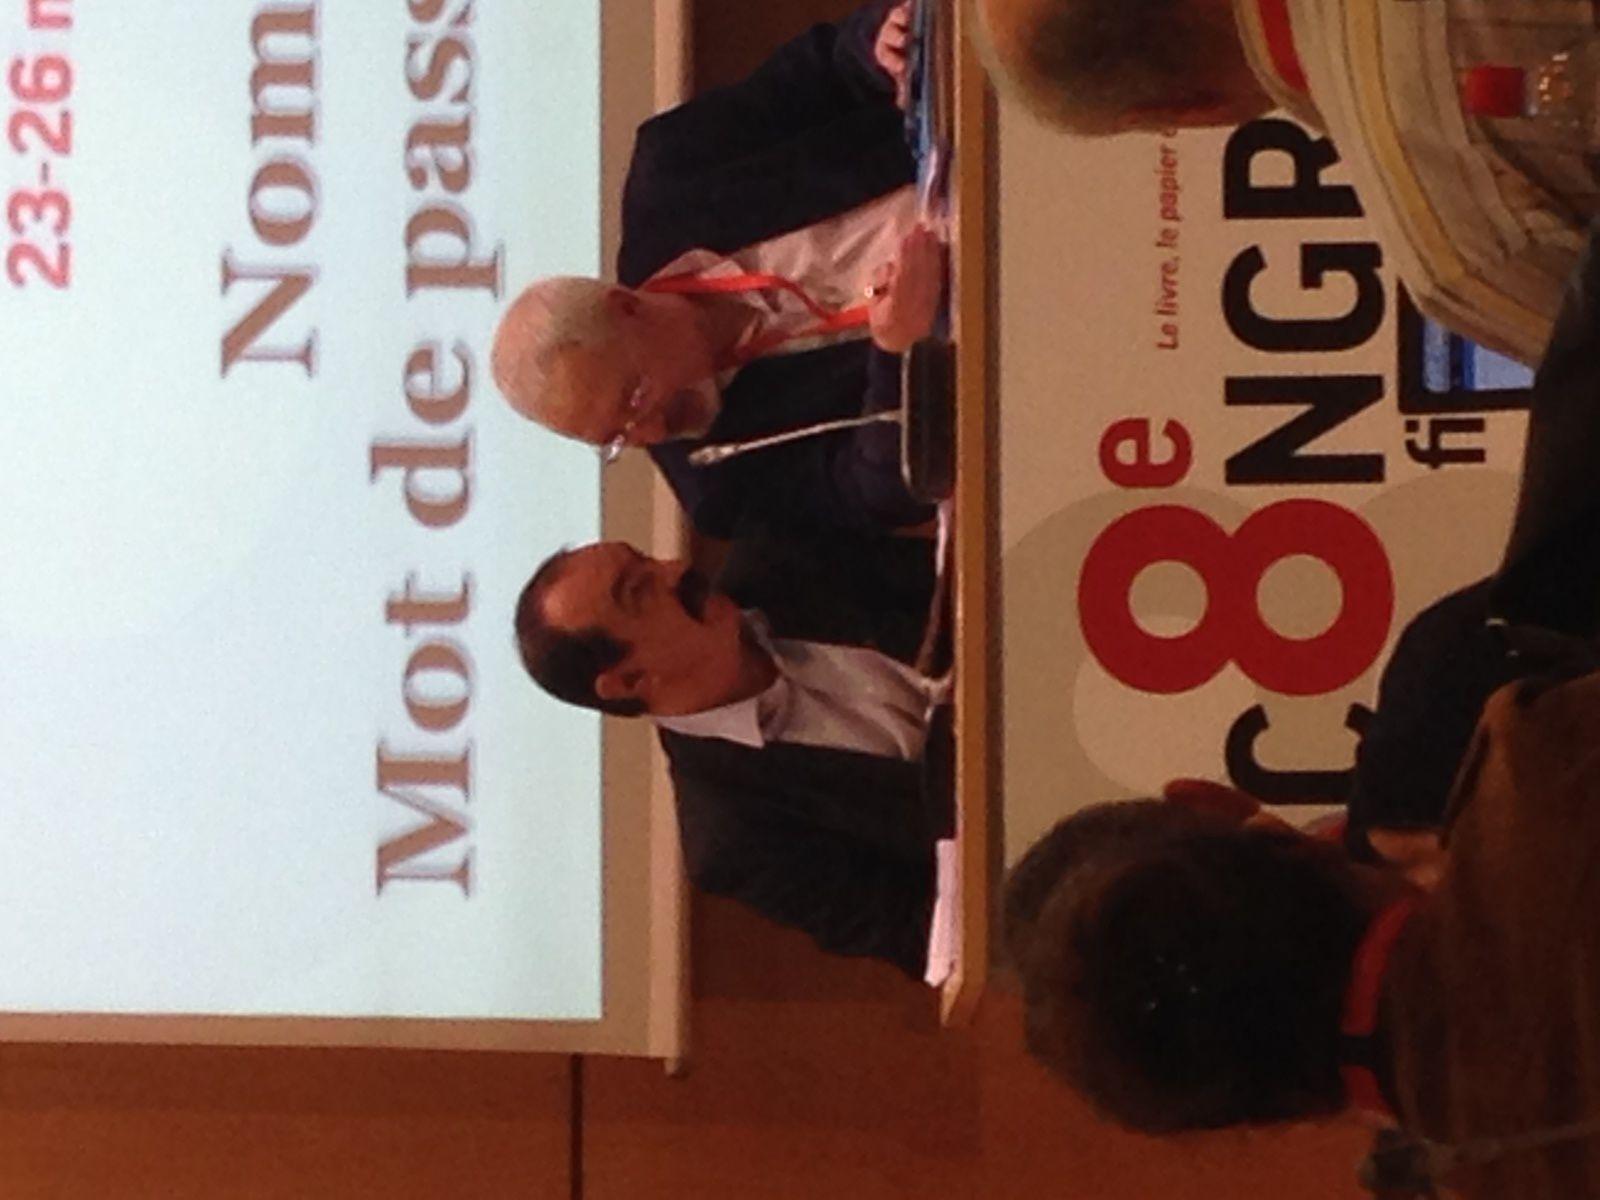 Présence du secrétaire général de la CGT au congrès de la FILPAC: Philippe Martinez